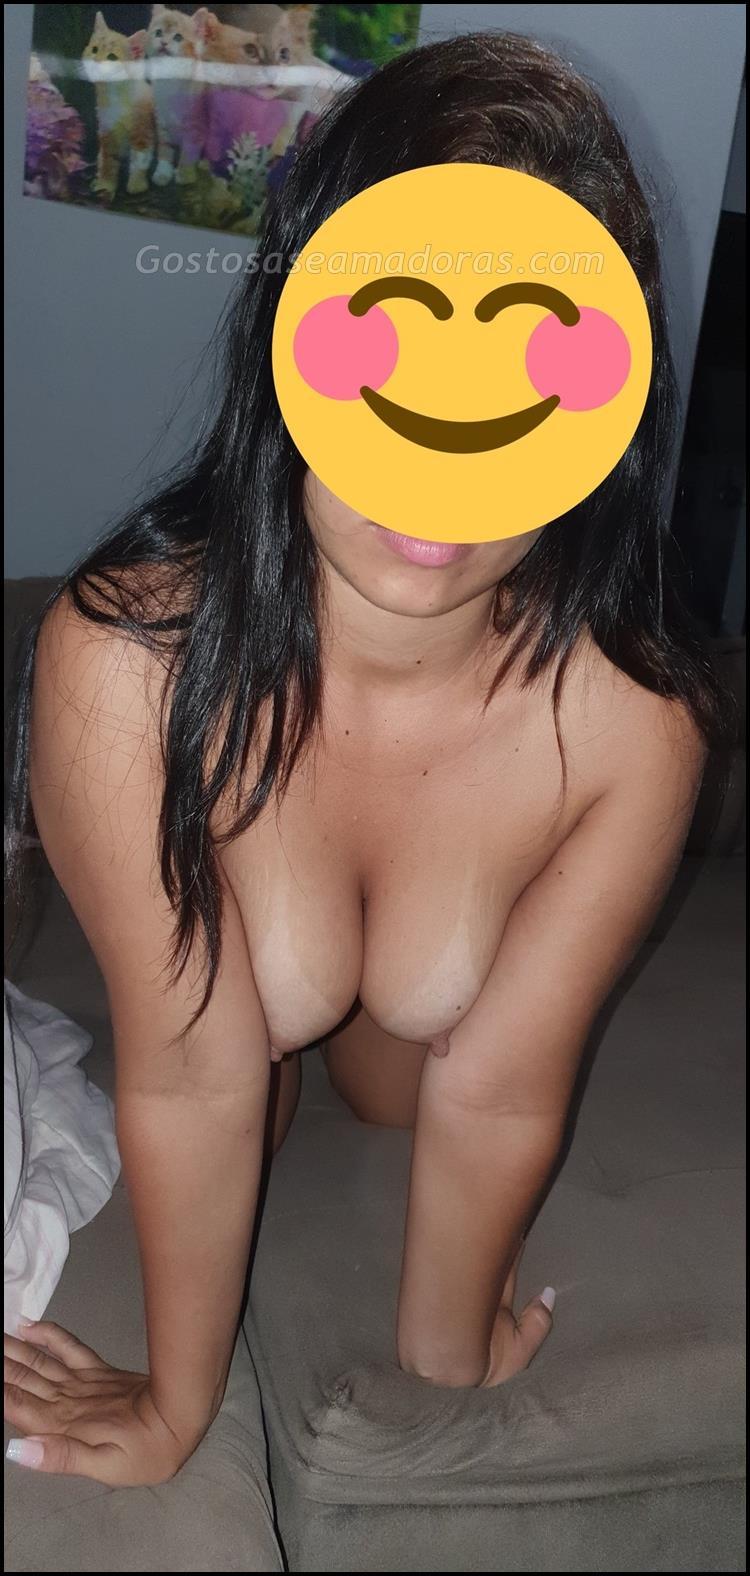 Magrinha-da-bunda-grande-fotos-peladas-7